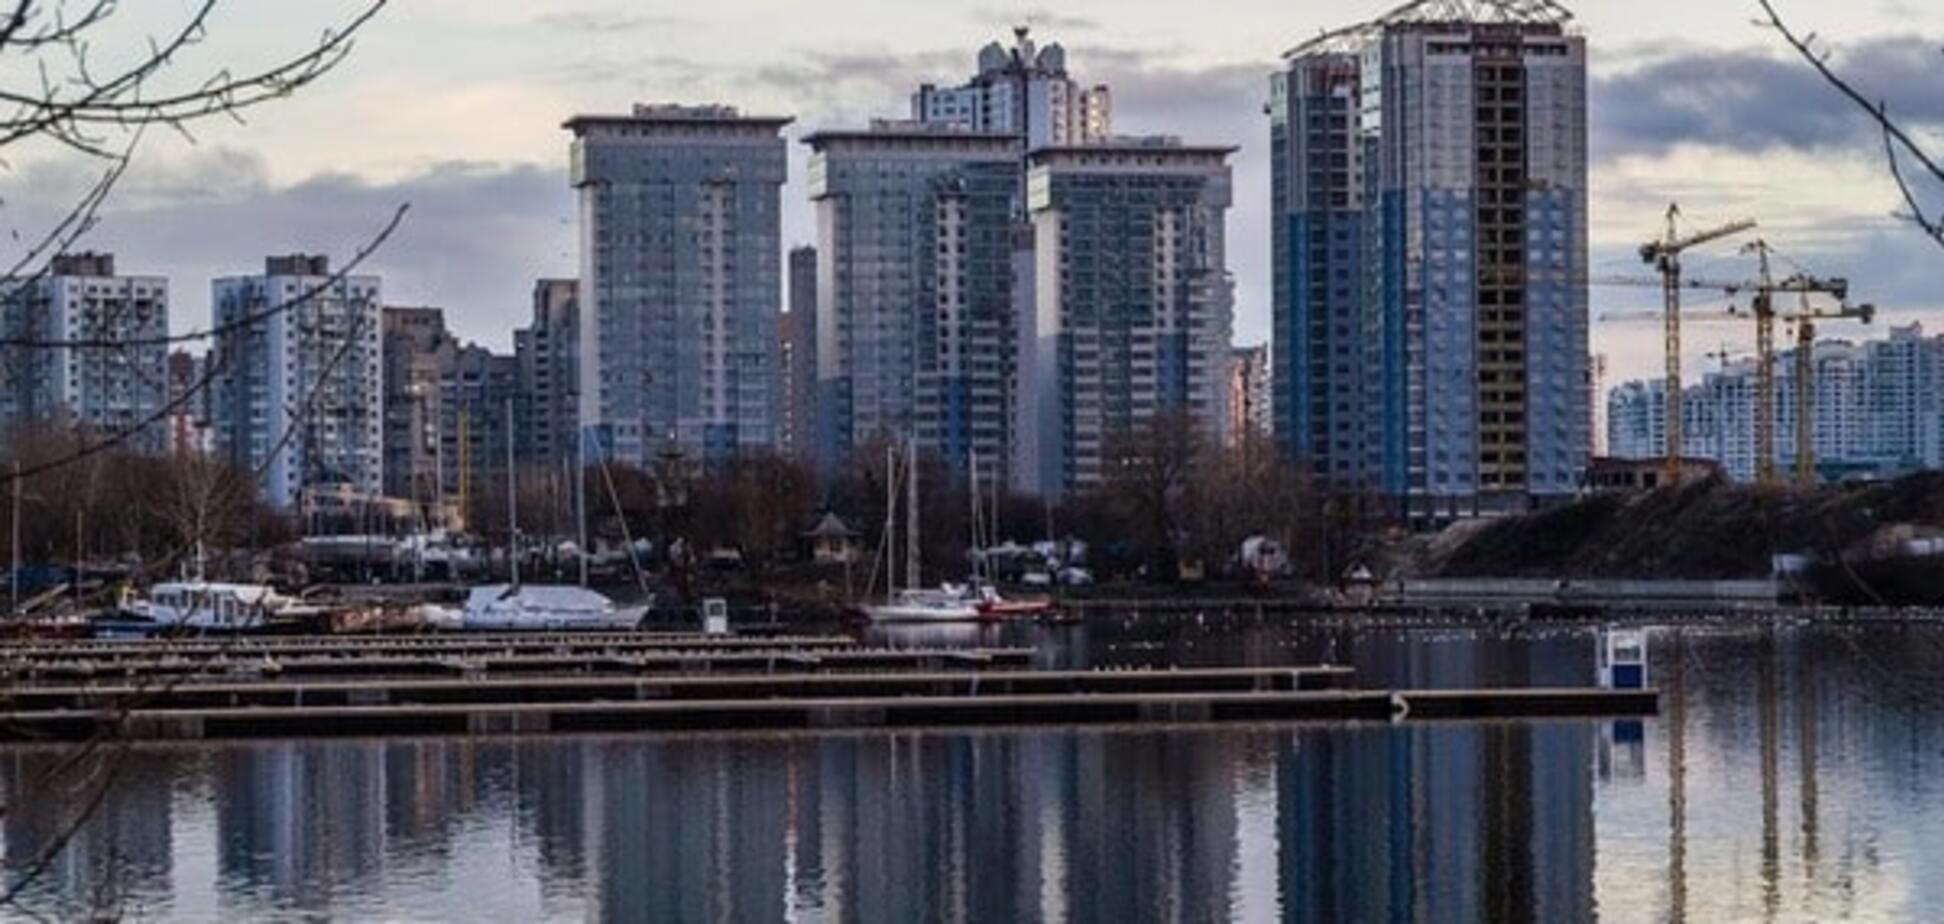 Київський пляж Кобзона і Табачника потрібно повернути місту - депутатий